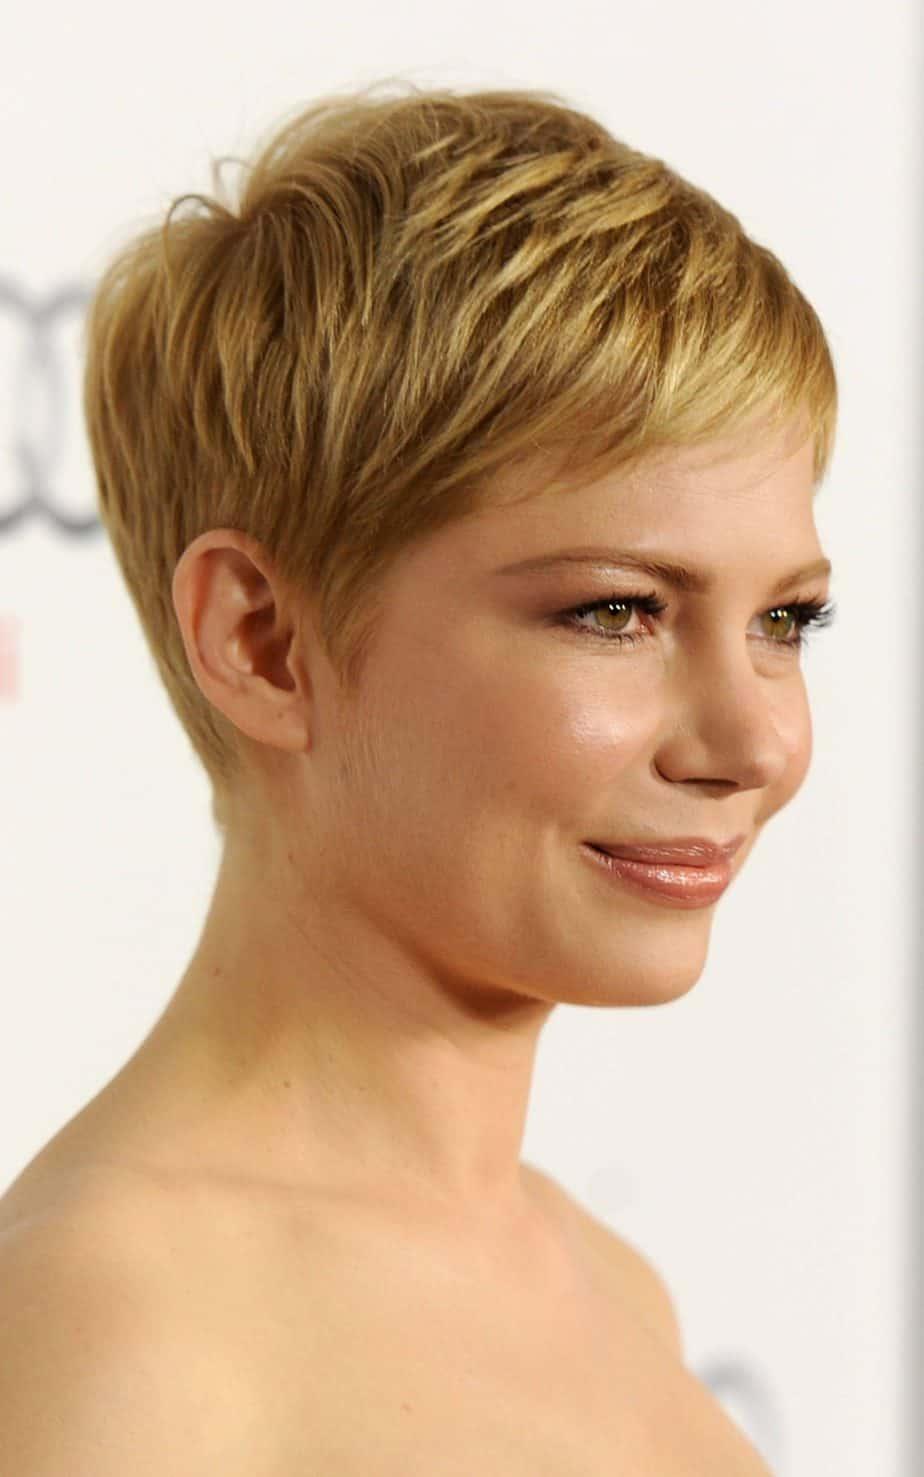 Les meilleures coiffures courtes pour femmes 2021: Pixie court moderne